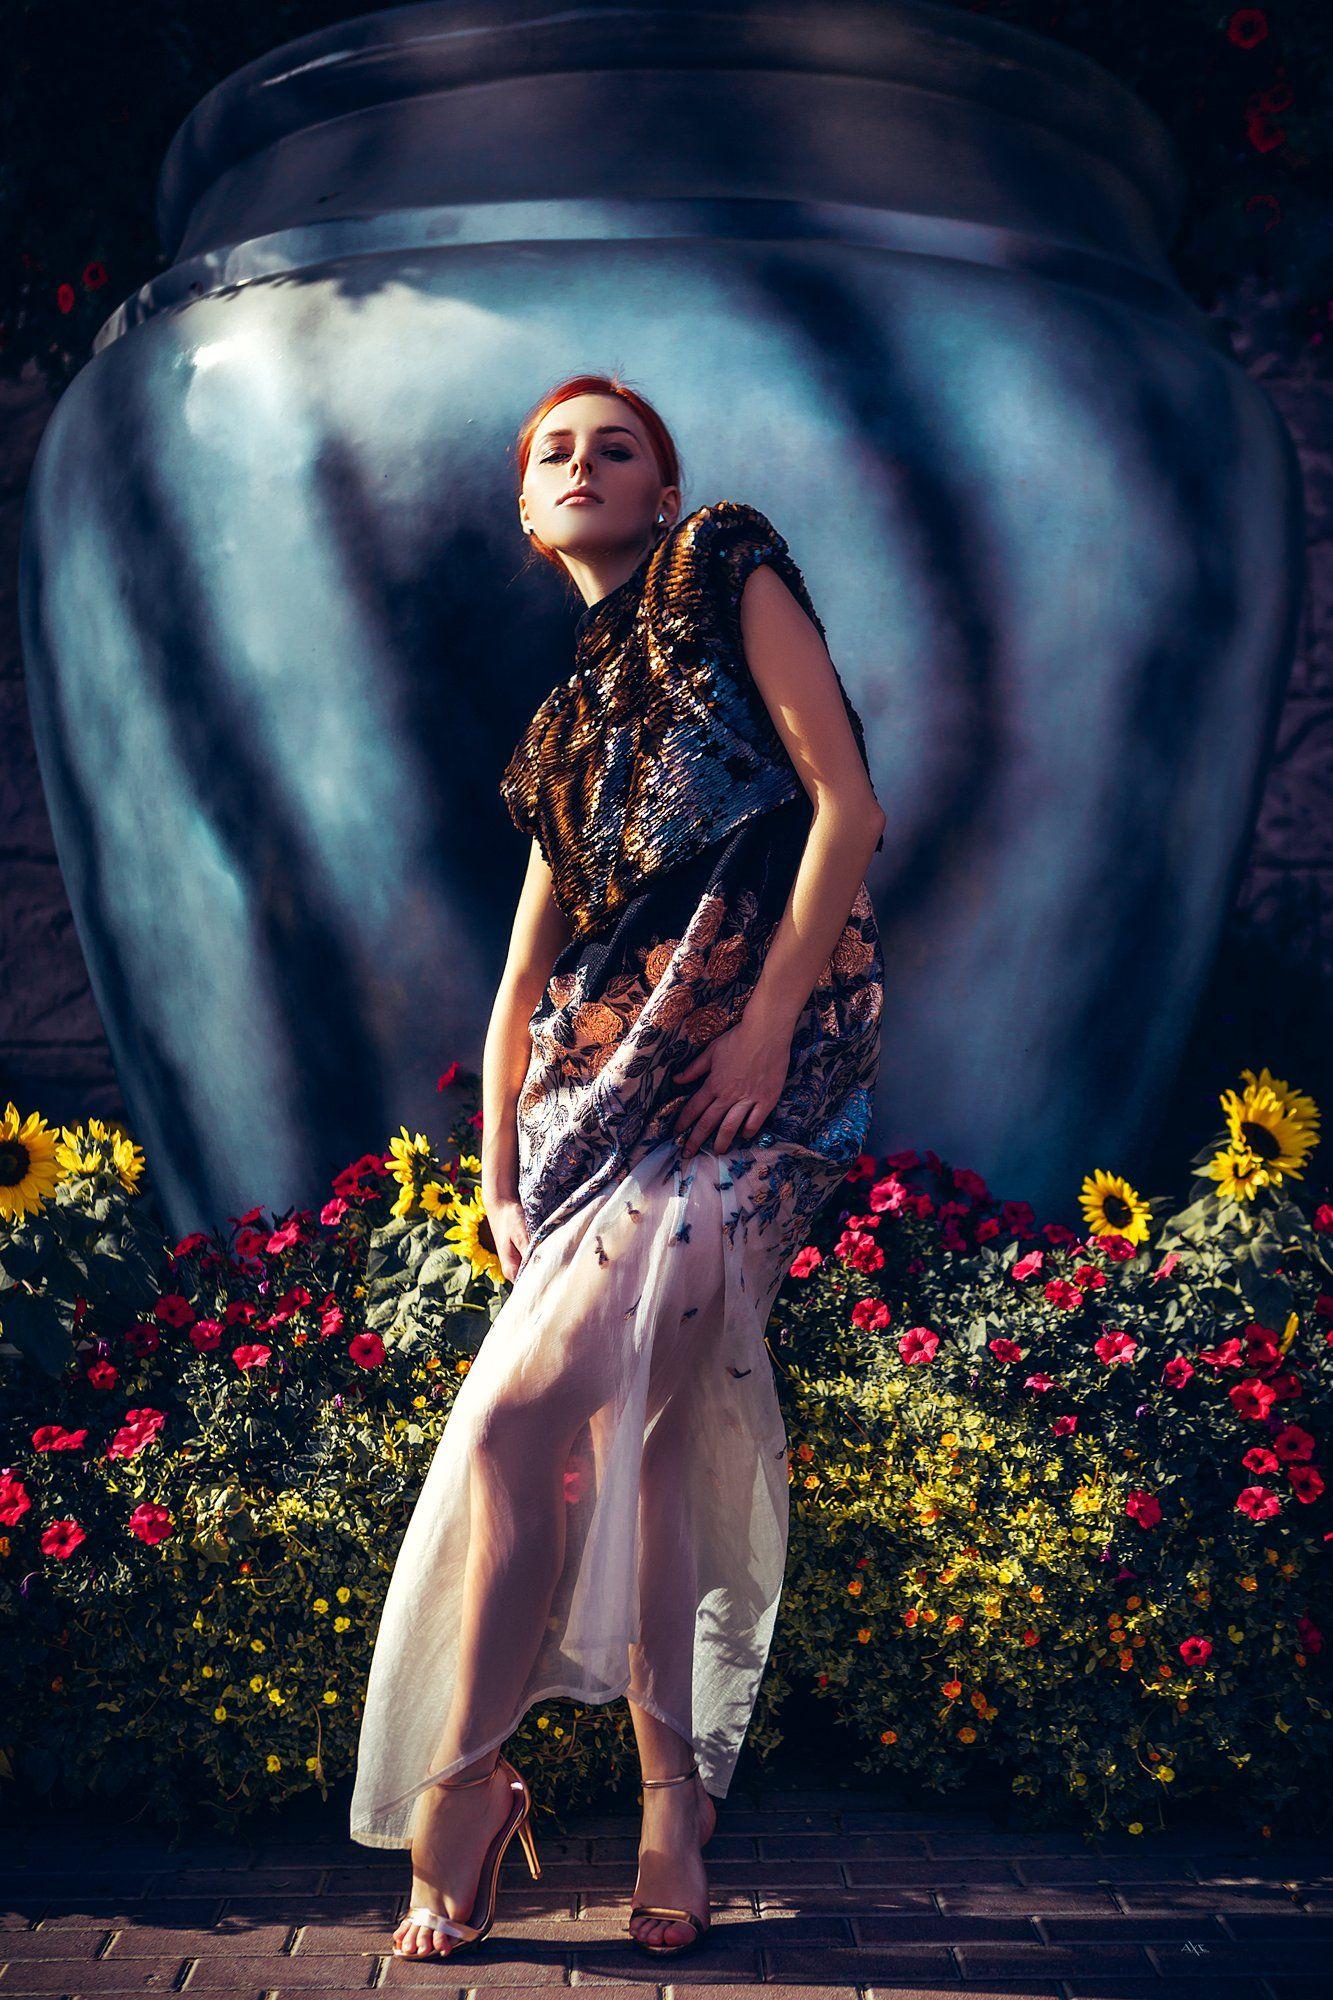 woman, beauty, fashion, art, outdoors, dubai, Руслан Болгов (Axe)